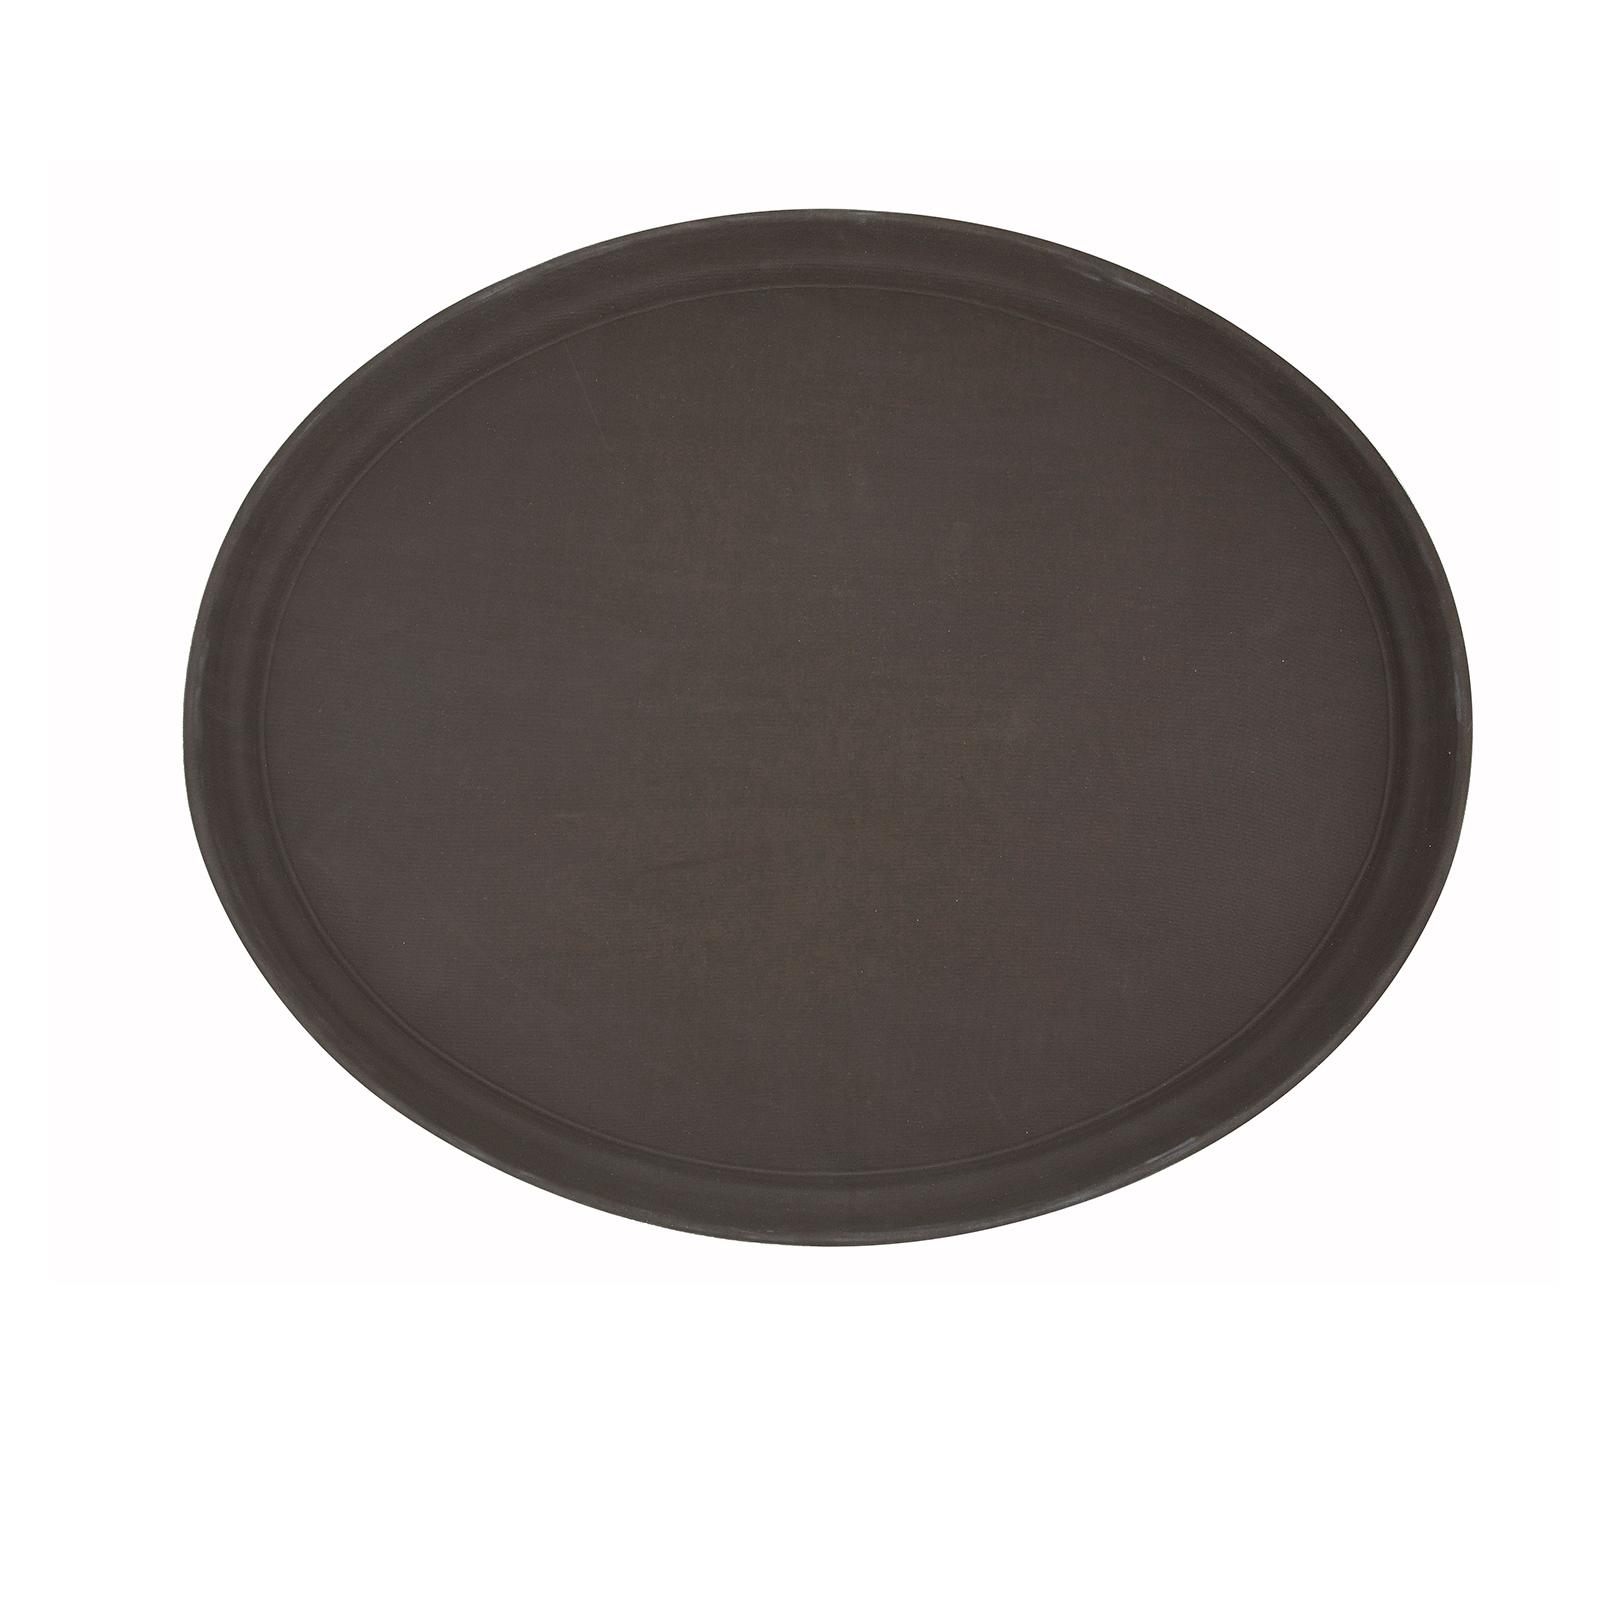 Winco TRH-2722 serving tray, non-skid